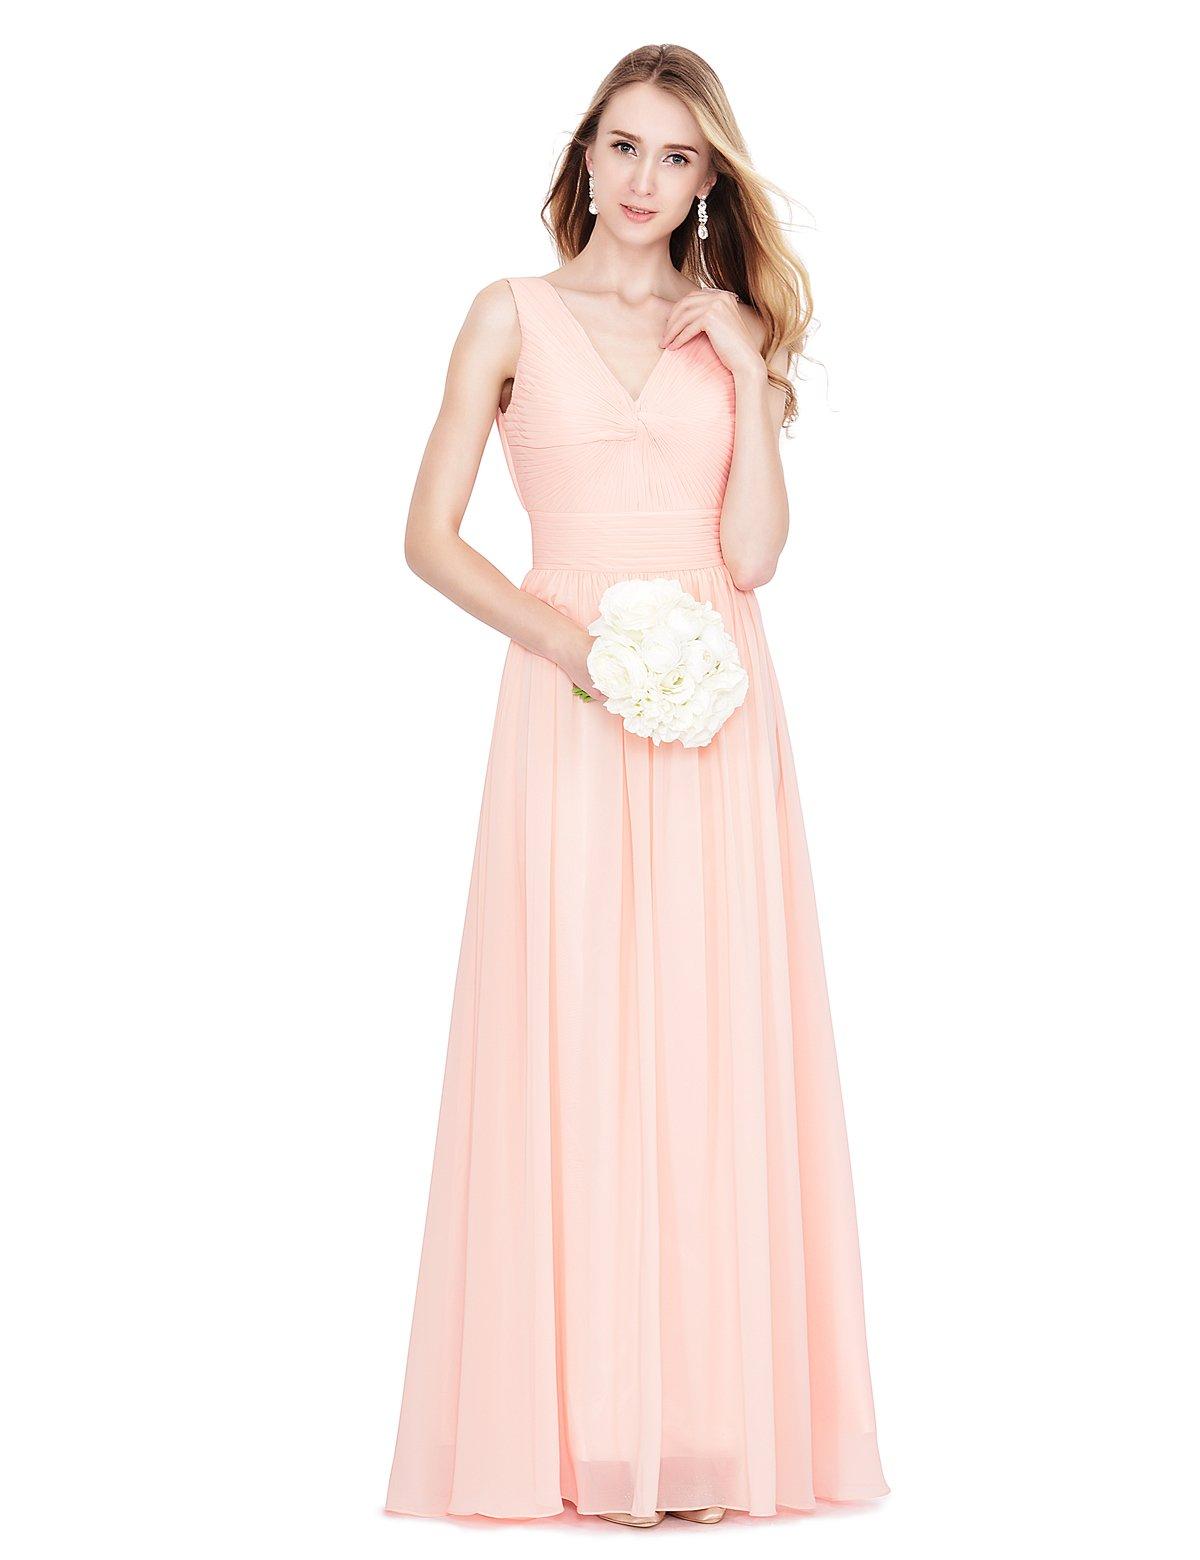 Remedios Sleeveless V Neck Chiffon Wedding Party Long Bridesmaid Dress,Pearl Pink,US8